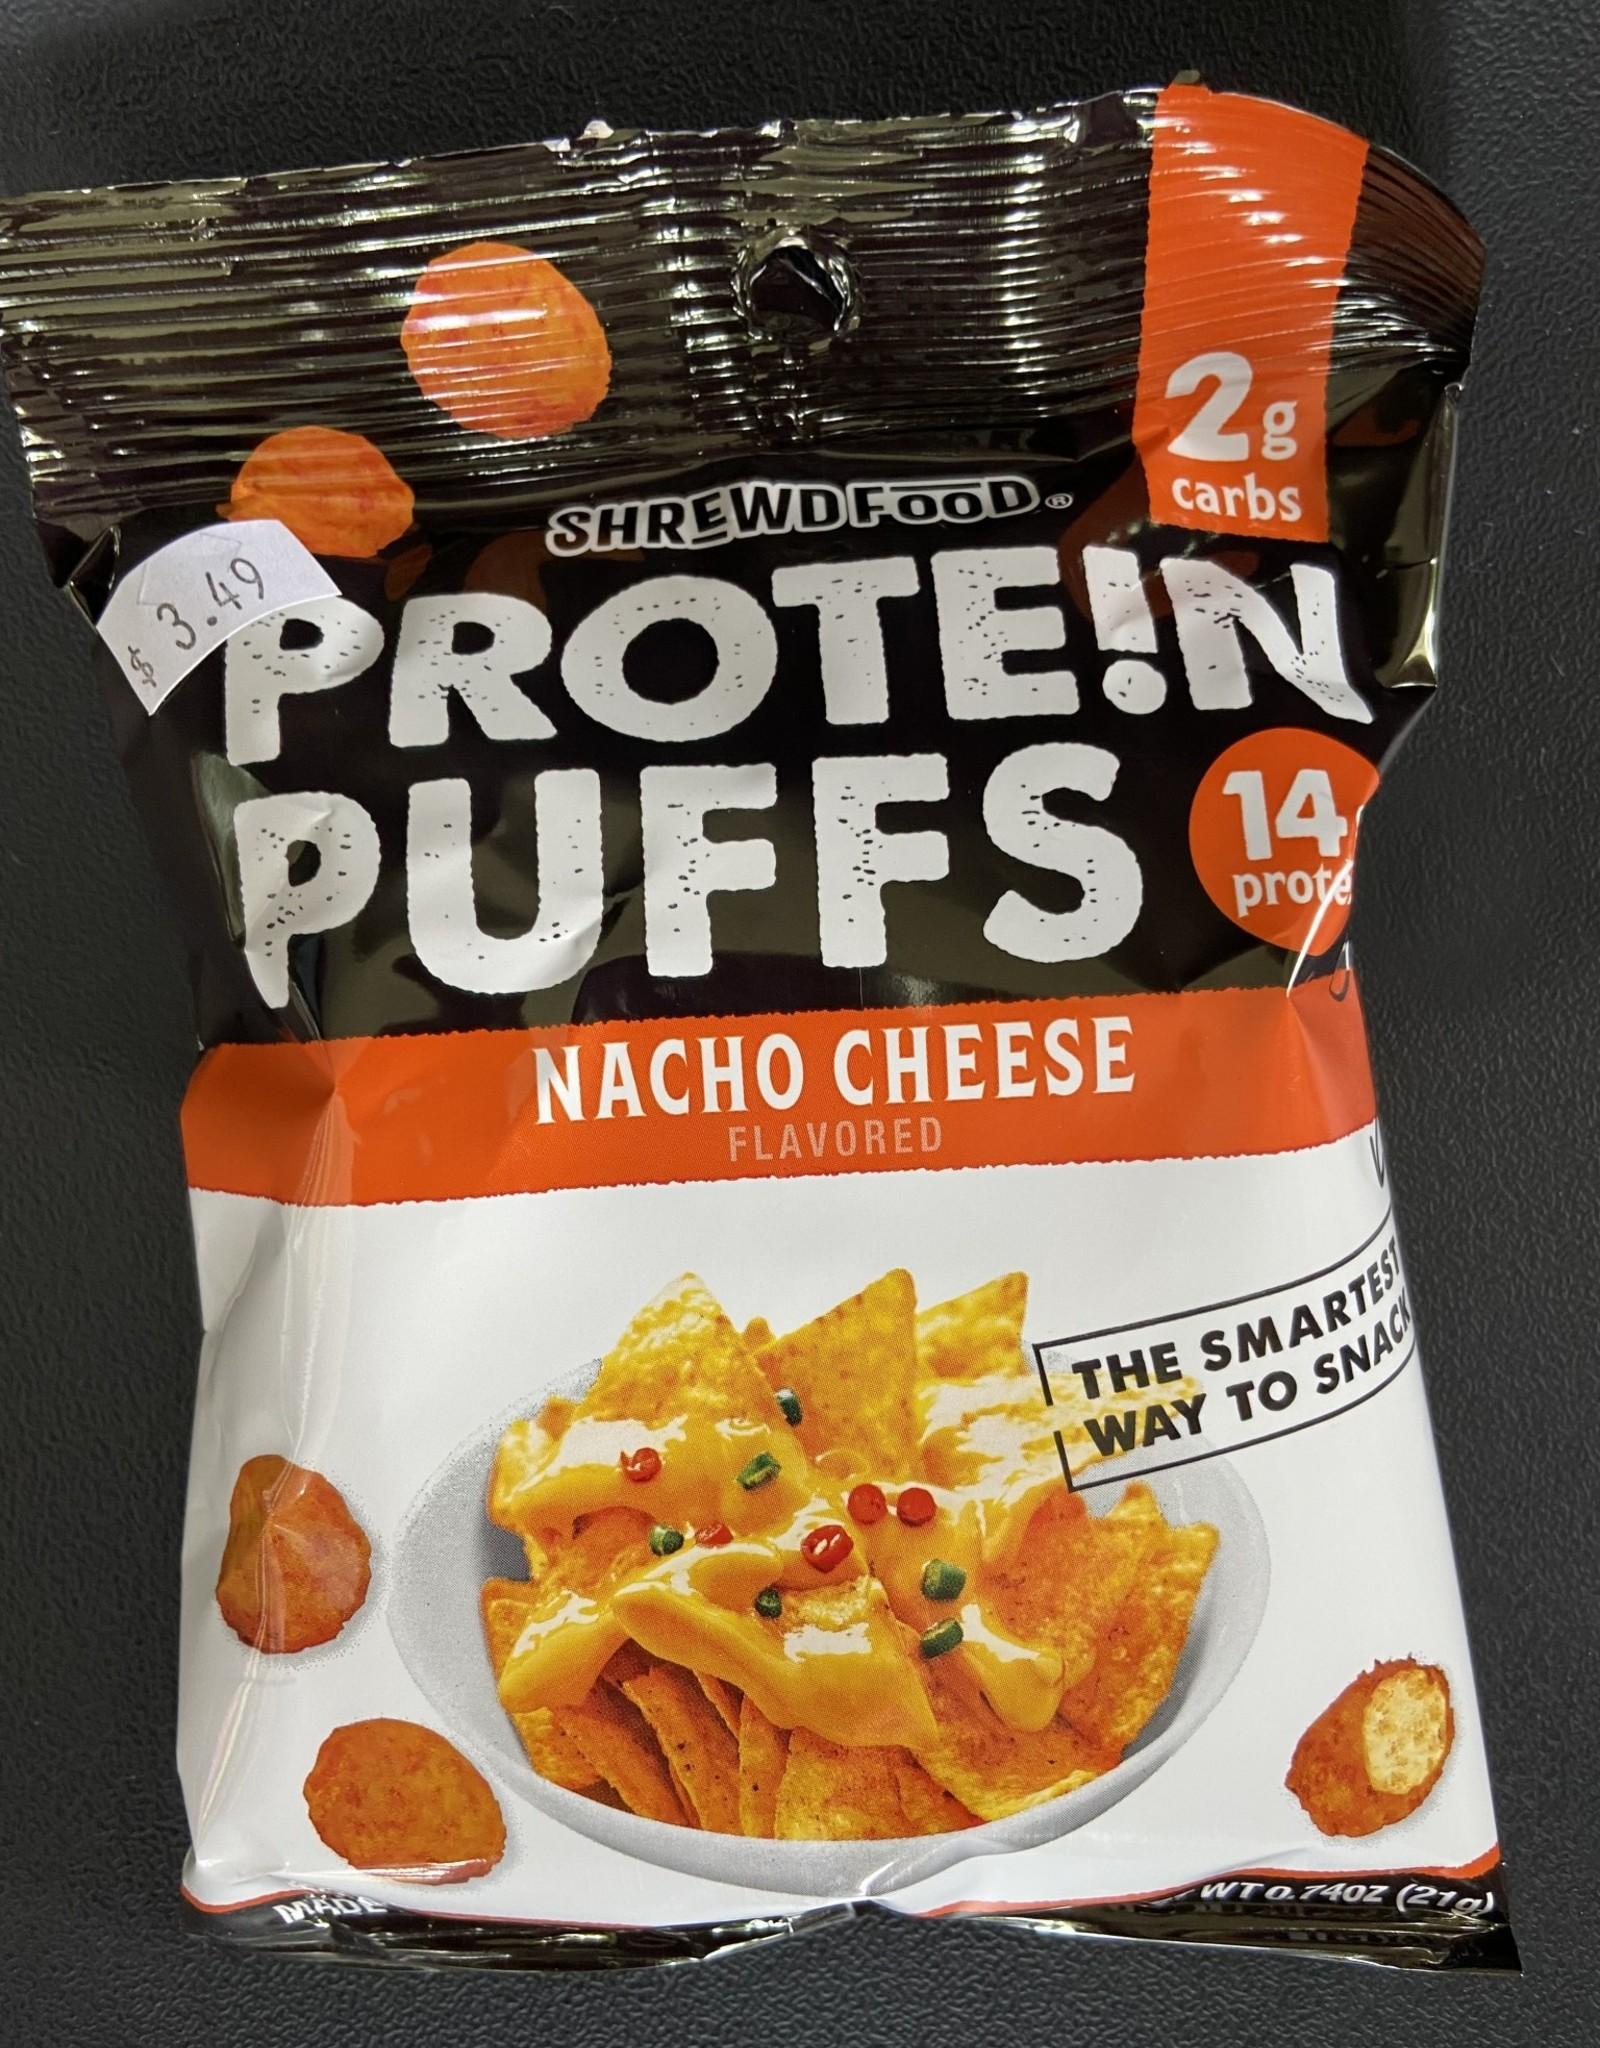 Shrewd Food Shrewd Food - Protein Puffs, Nacho Cheese, 21g